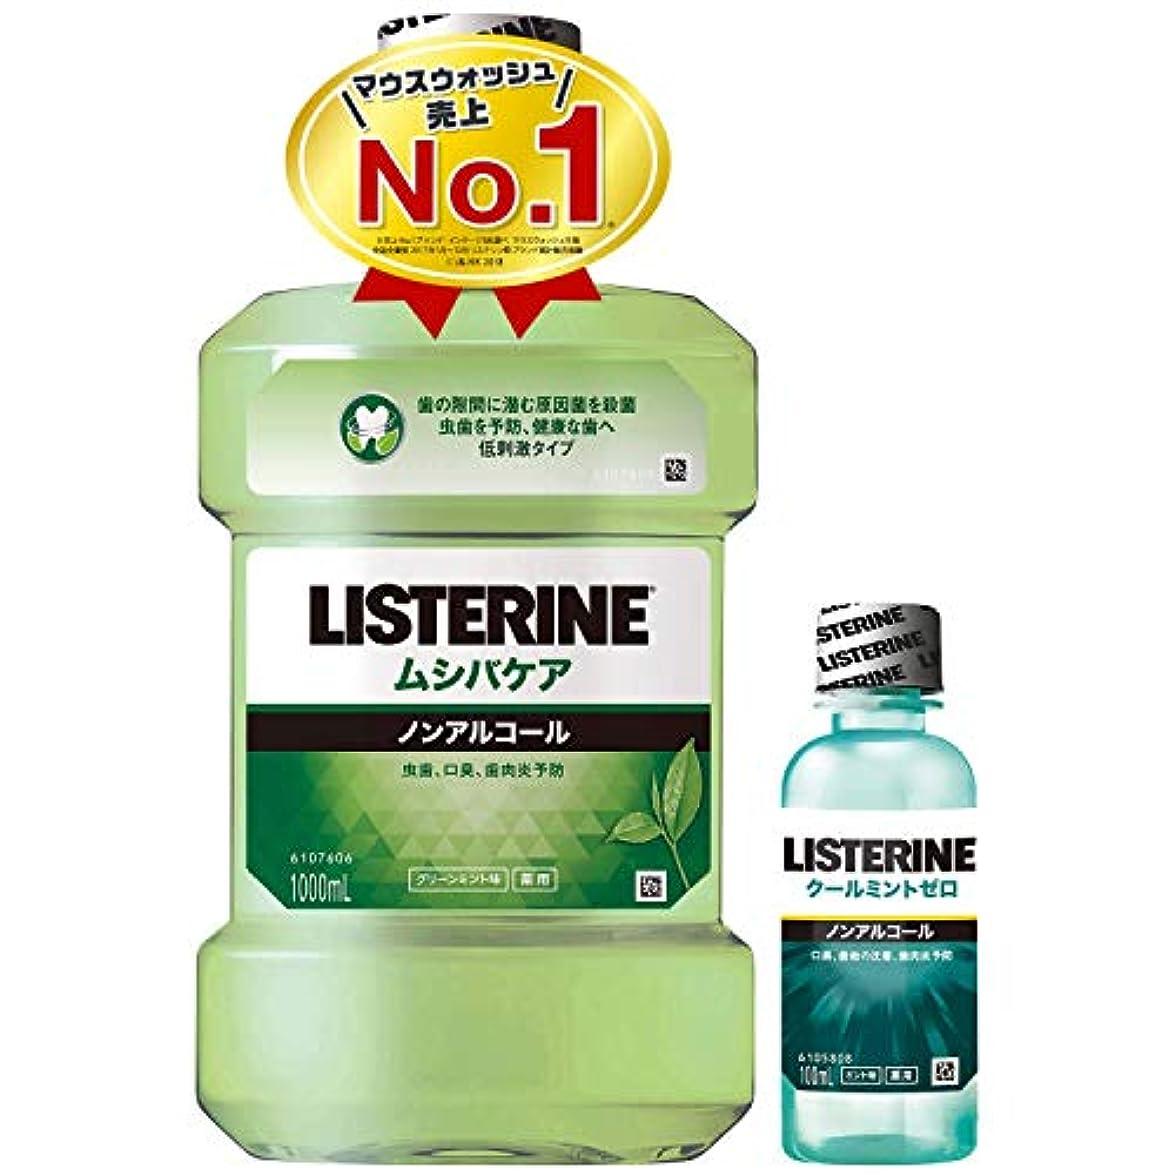 ここに毛布挑発する【Amazon.co.jp限定】 LISTERINE(リステリン) [医薬部外品] 薬用 リステリン ムシバケア マウスウォッシュ グリーンミント味 1000mL+おまけつき